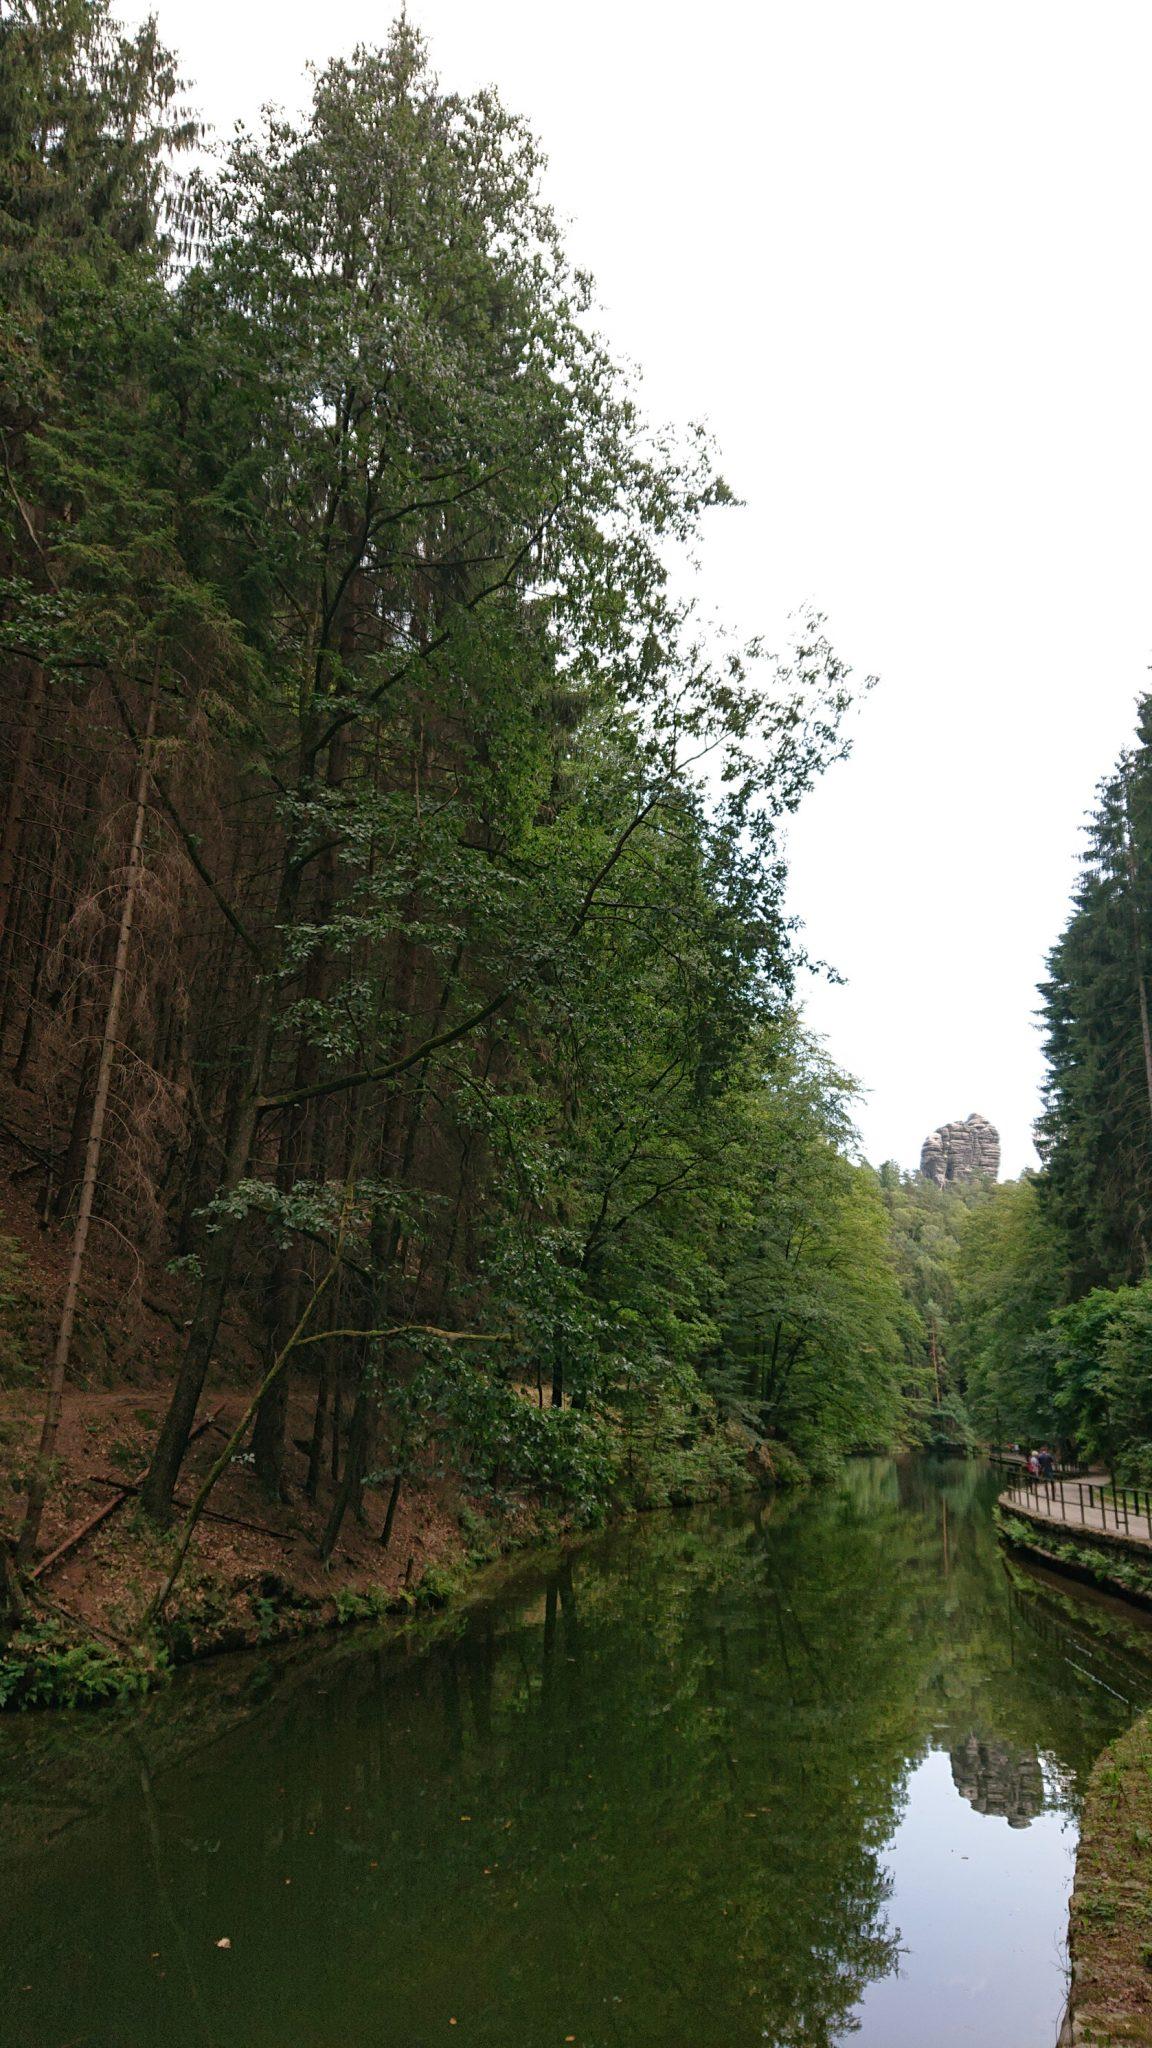 Wanderung durch Polenztal zur Bastei und zu Schwedenlöcher, Weg am Ende der Schwedenlöcher beim Amselsee, nicht sonderlich interessant